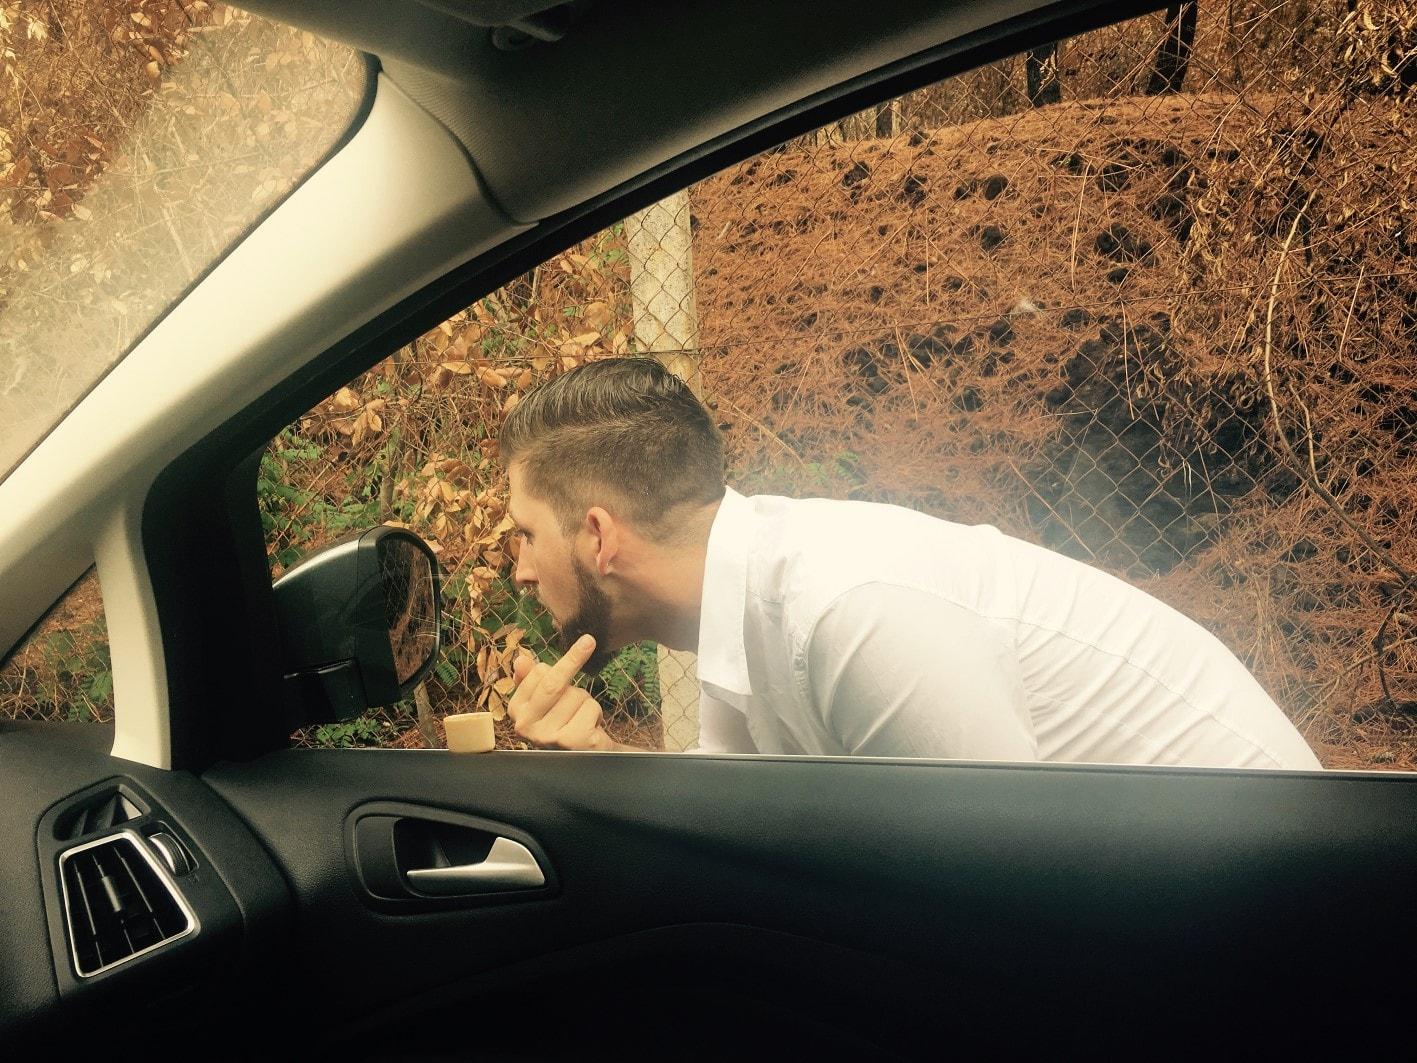 Jay Octavouj zeigt Mittelfinger beimSchminken im Autospiegel für Musikvideodreh